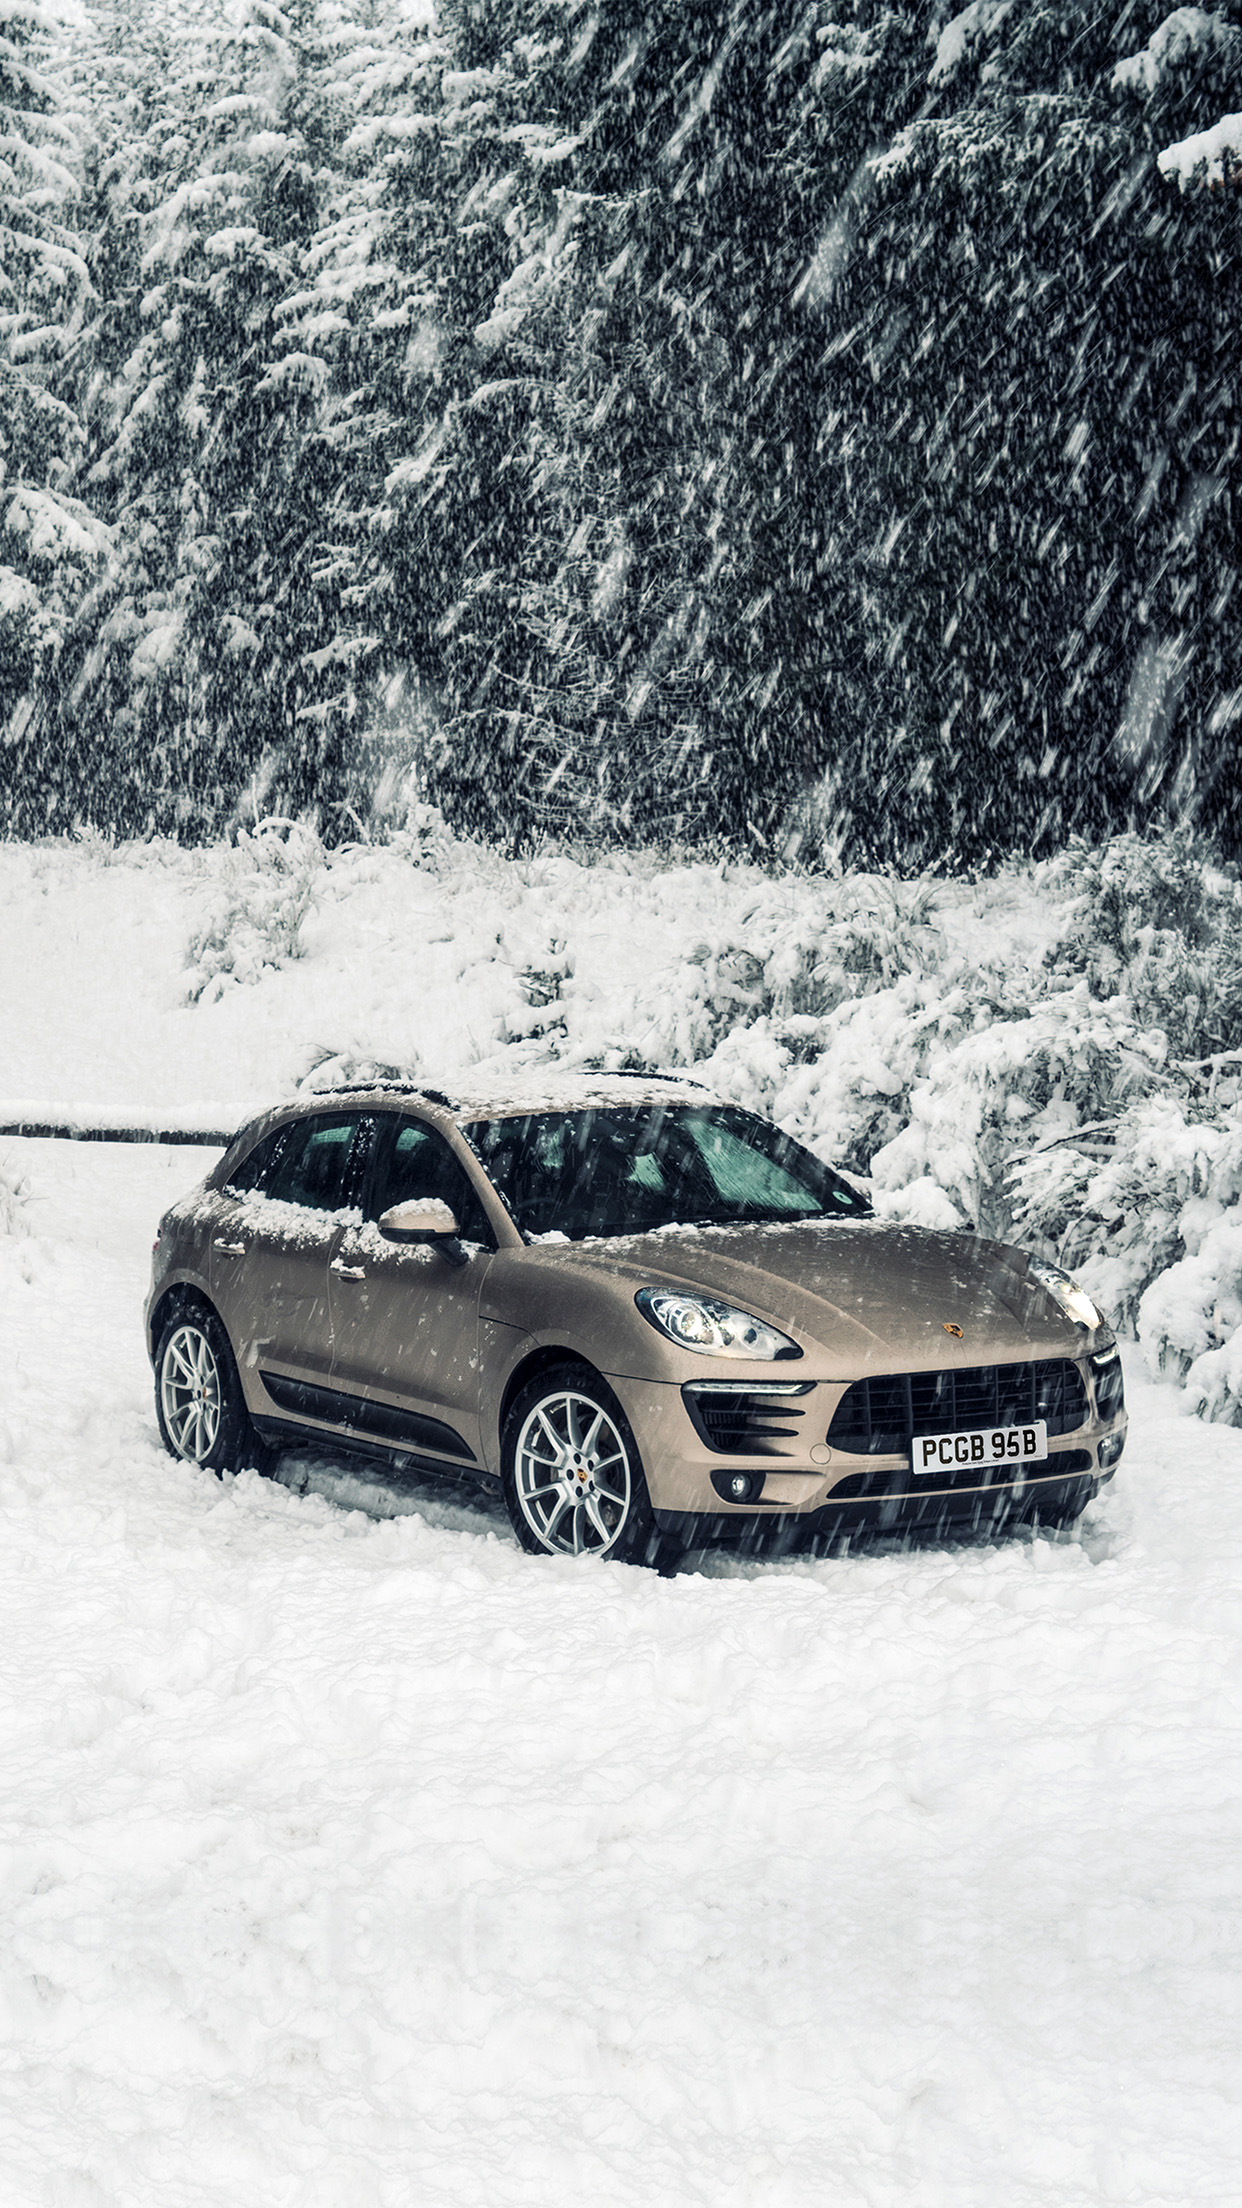 aq51-porche-winter-snow-car-wallpaper